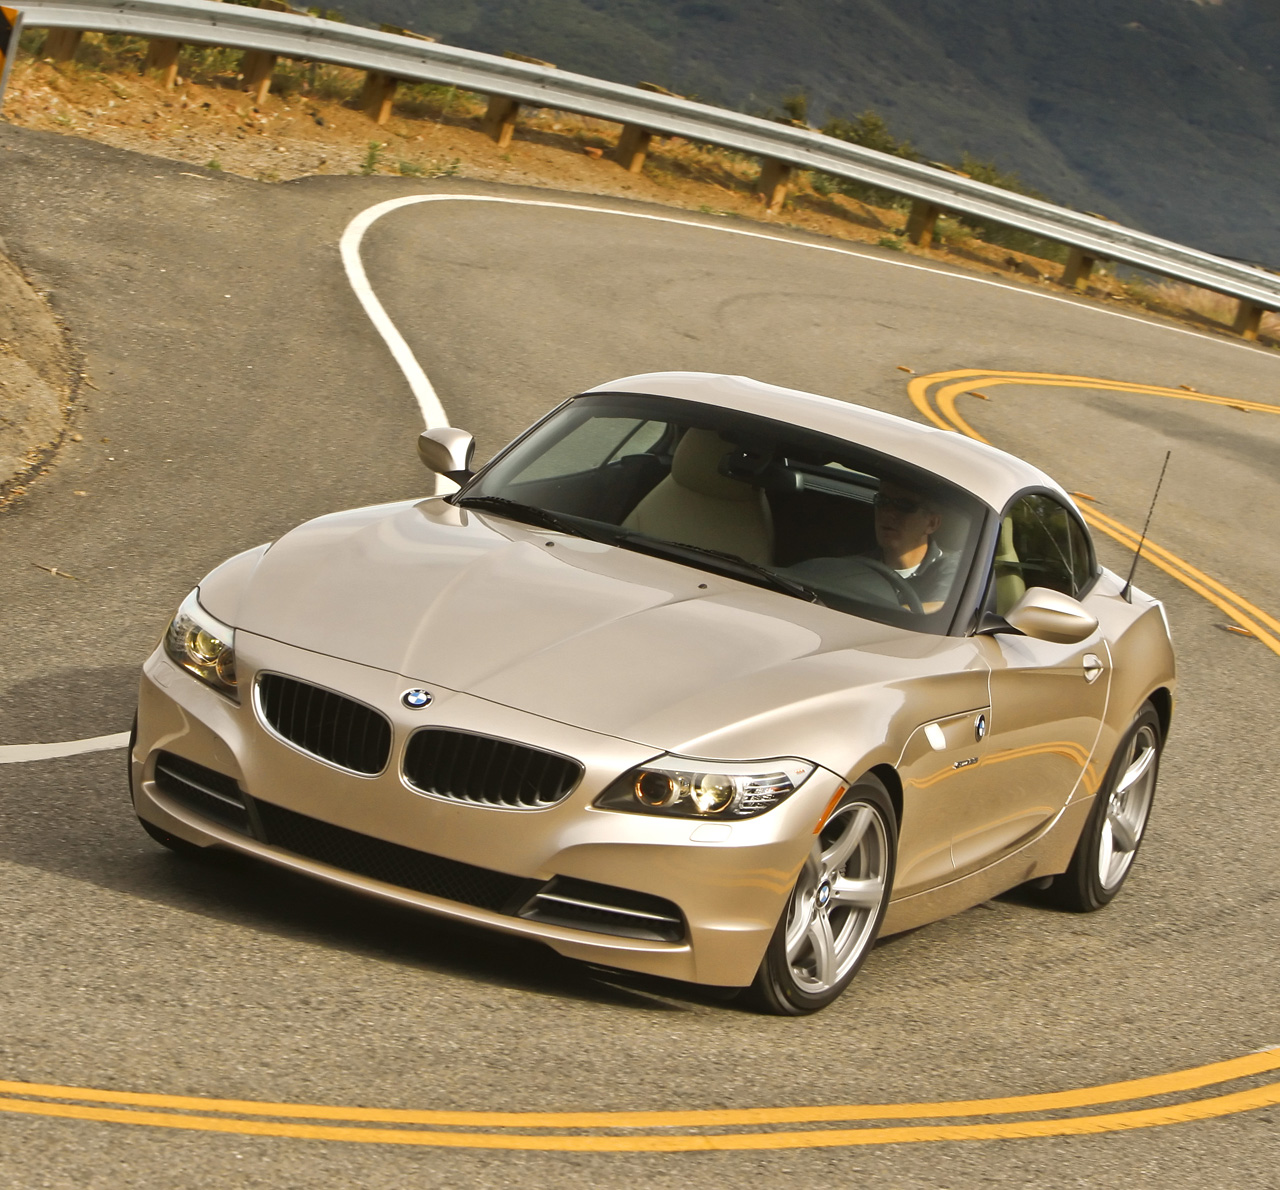 Bmw Z4 I: Youngmanblog: 2011 BMW Z4 SDrive30i